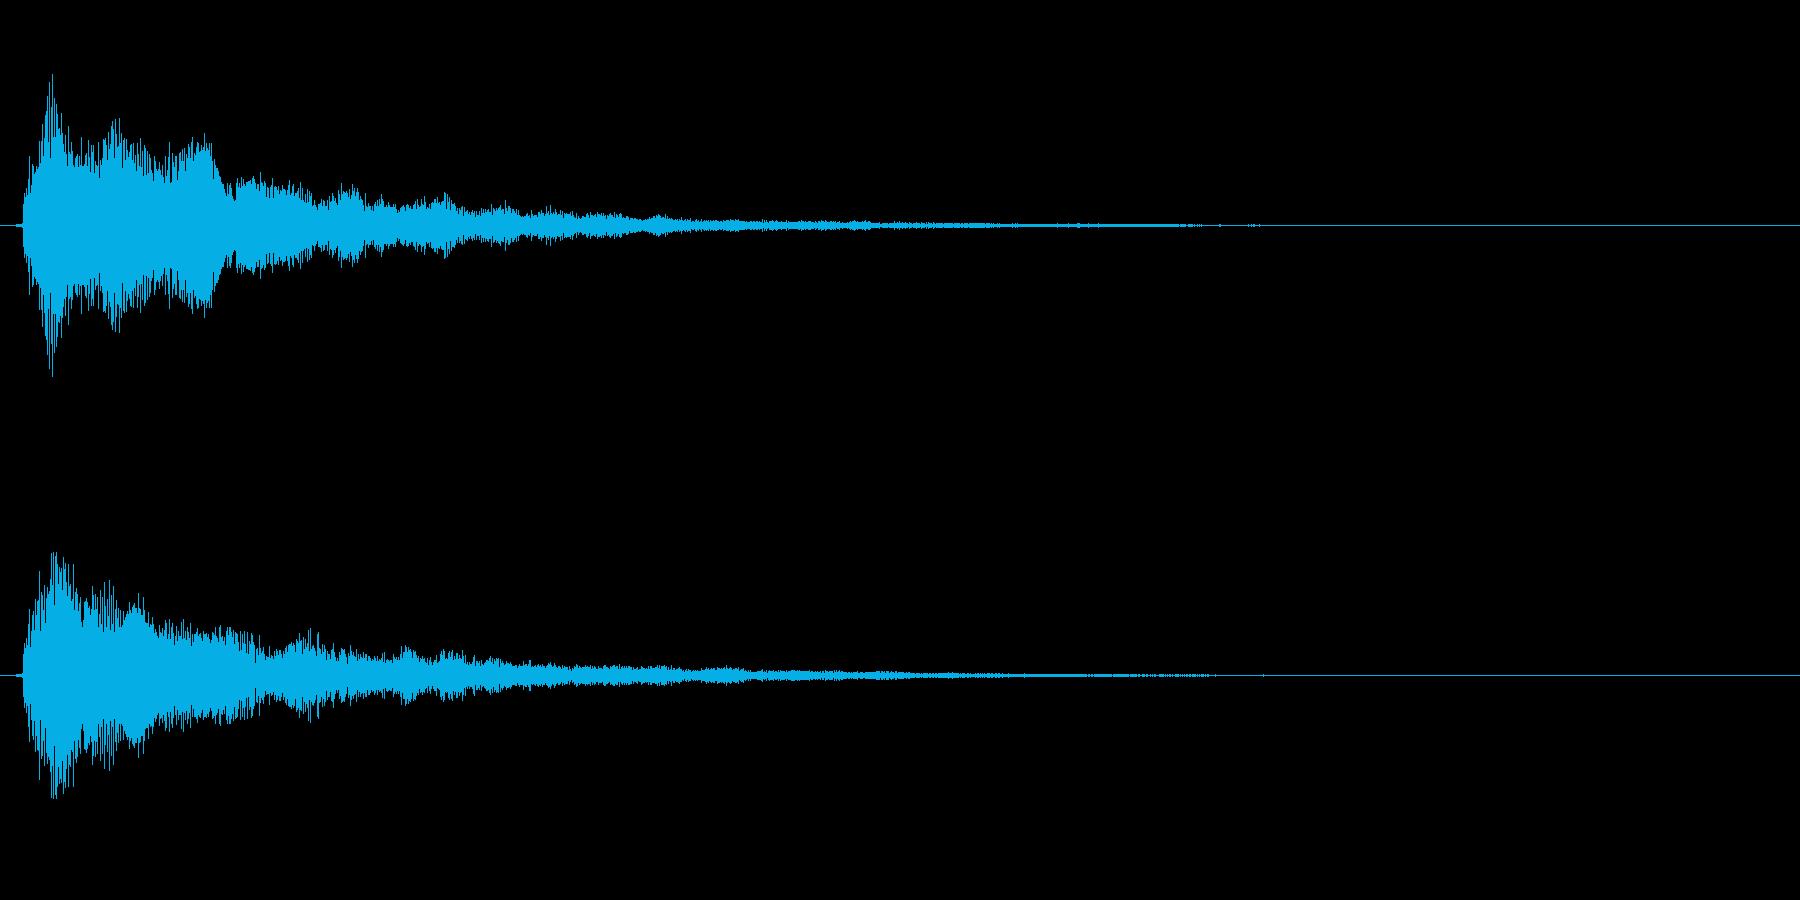 サウンドロゴ(企業ロゴ)_001の再生済みの波形